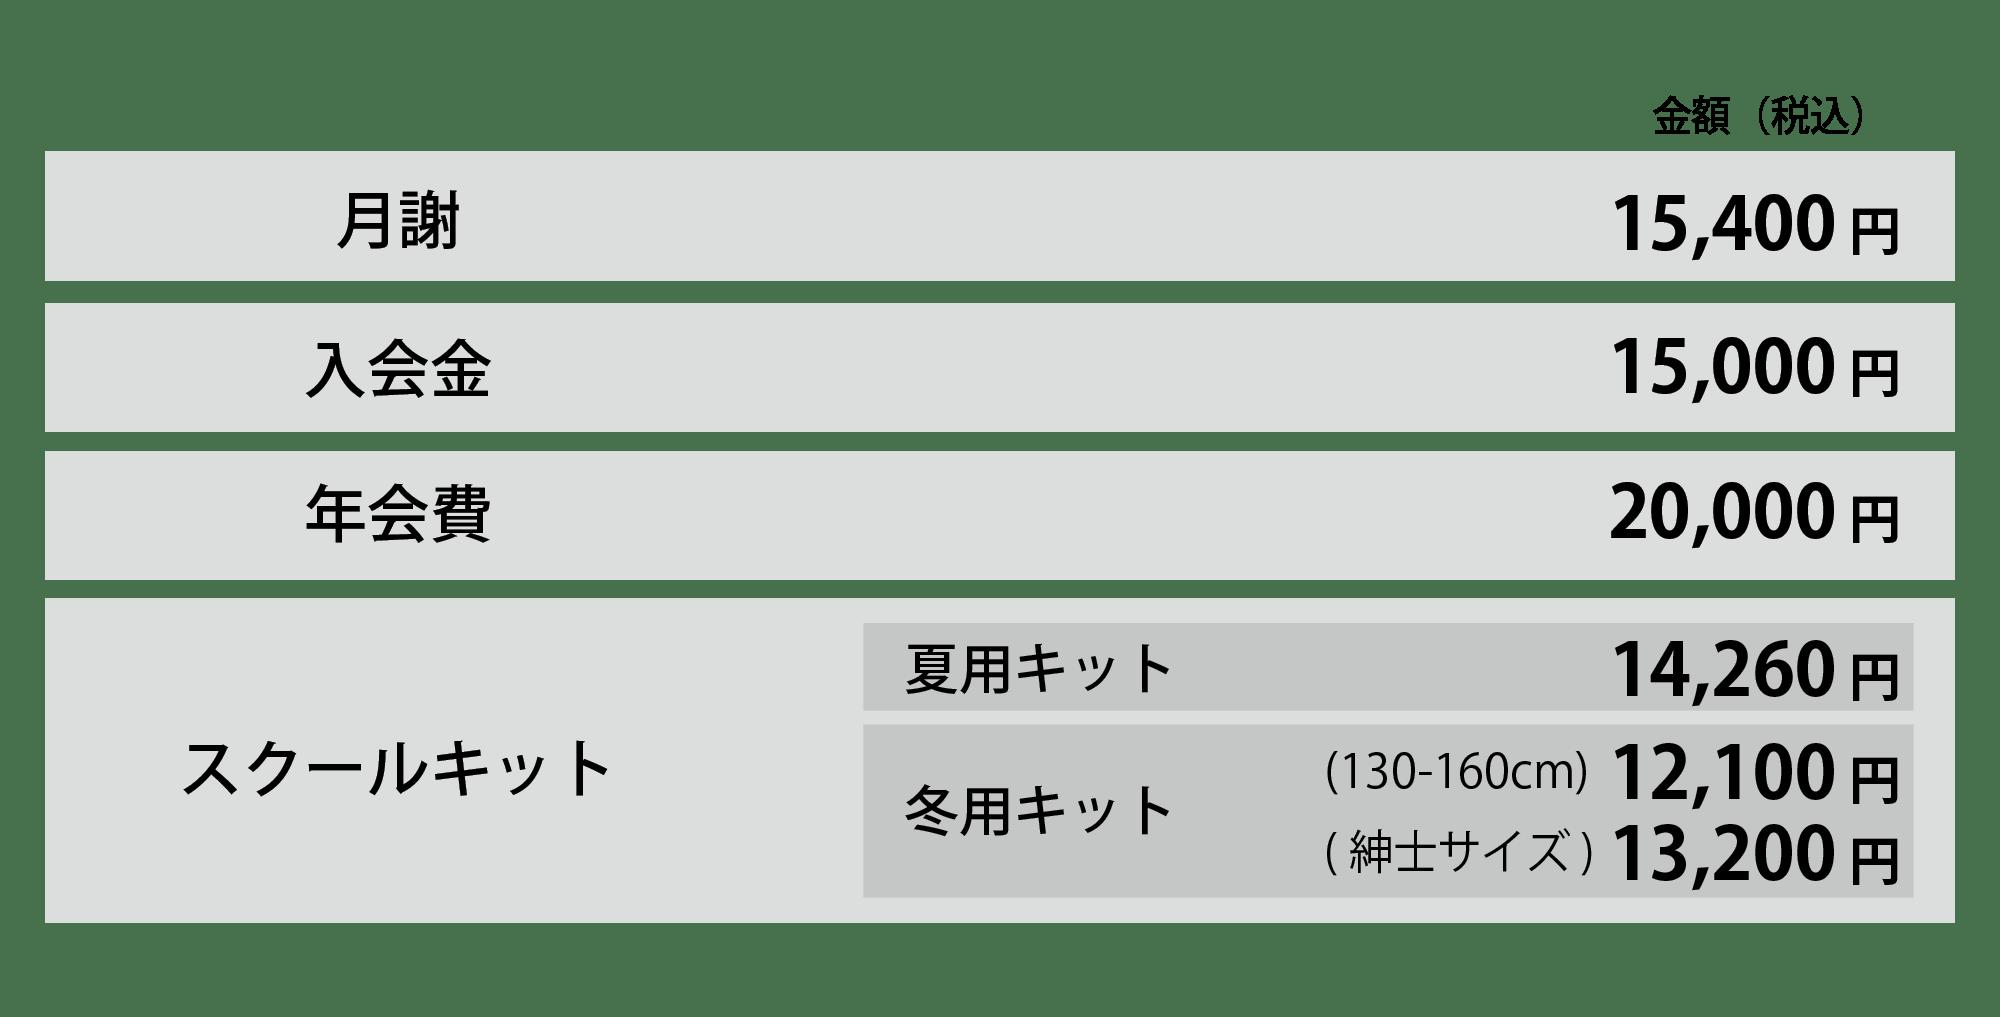 price2021_kanto_v2